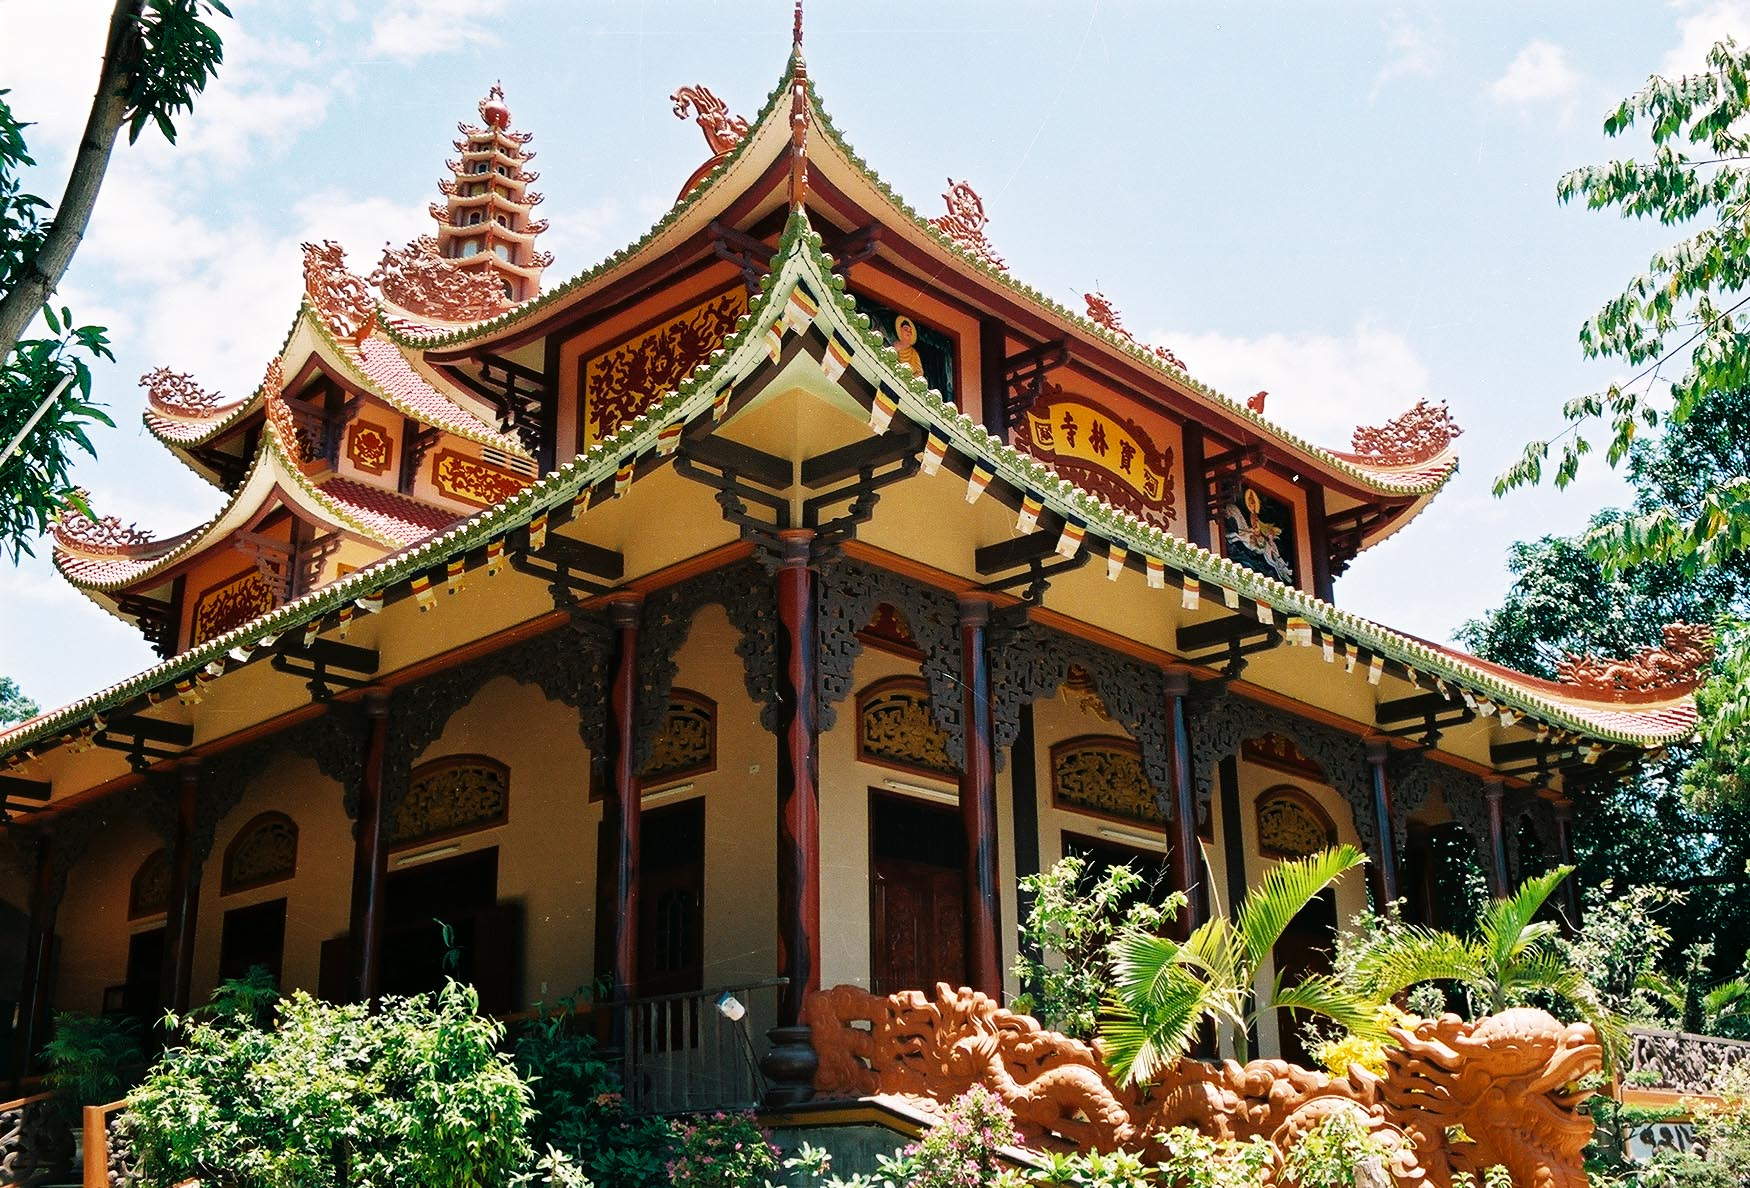 Du lịch Chùa Bảo Lâm